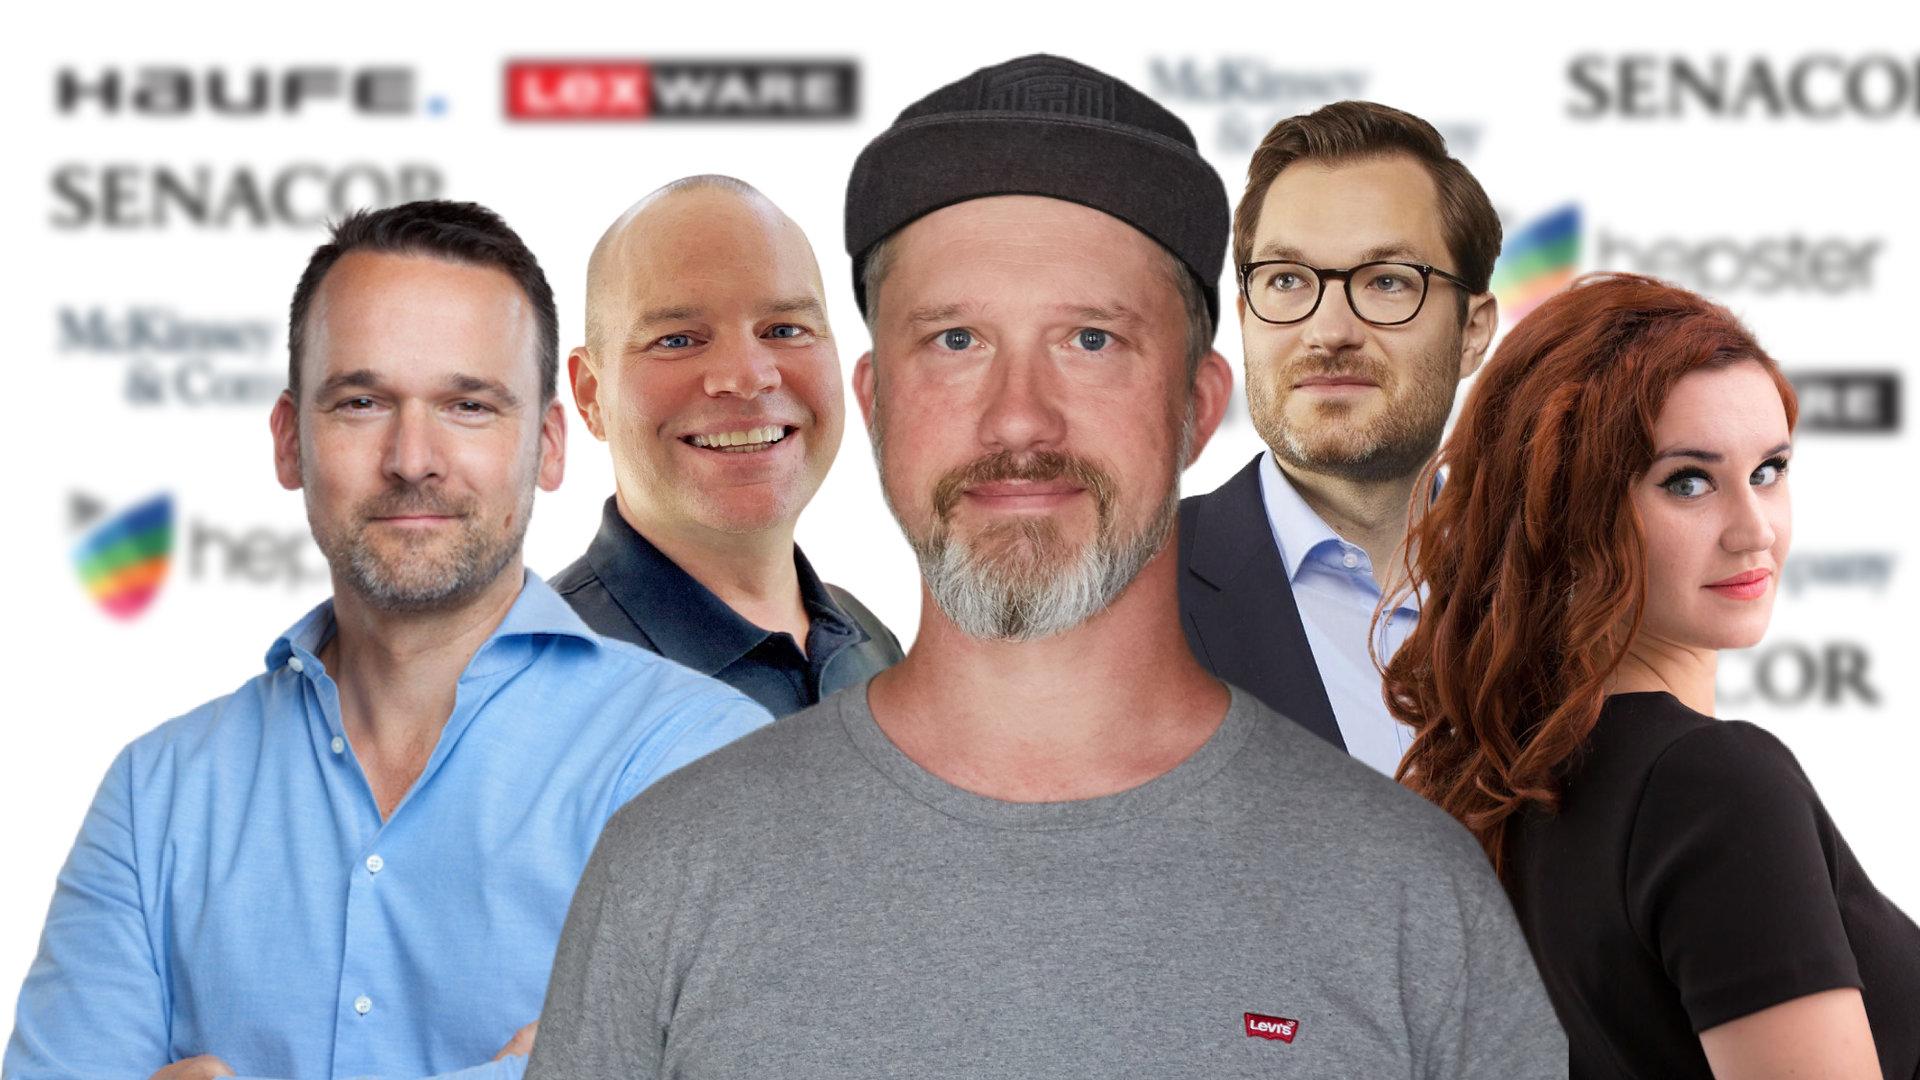 Wolff Graulich (Senacor Technologies), Christian Steiger (Haufe-Lexware), Maik Klotz (Payment & Banking), Simon Kaesler (McKinsey & Company) und Hanna Bachmann (hepster) v. l. n. r., sprechen über Insurtechs und die Digitalisierung der Versicherungen.